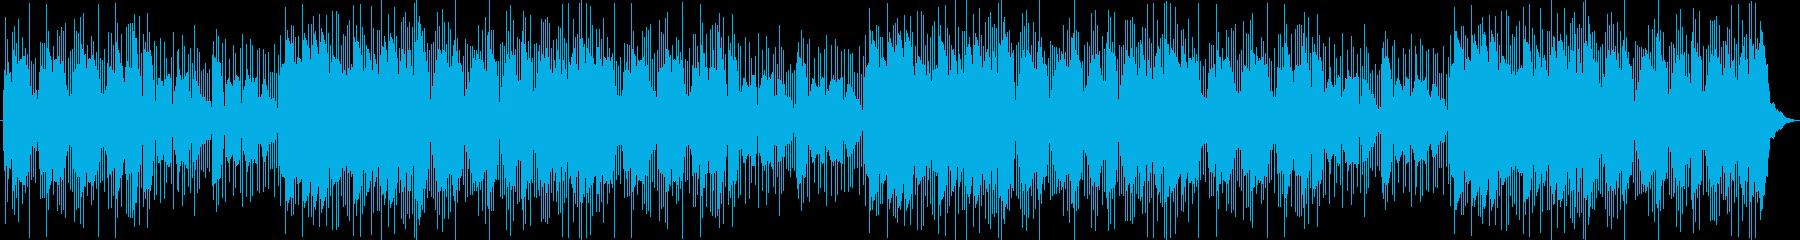 低いシンセパッドとパーカッションヒ...の再生済みの波形